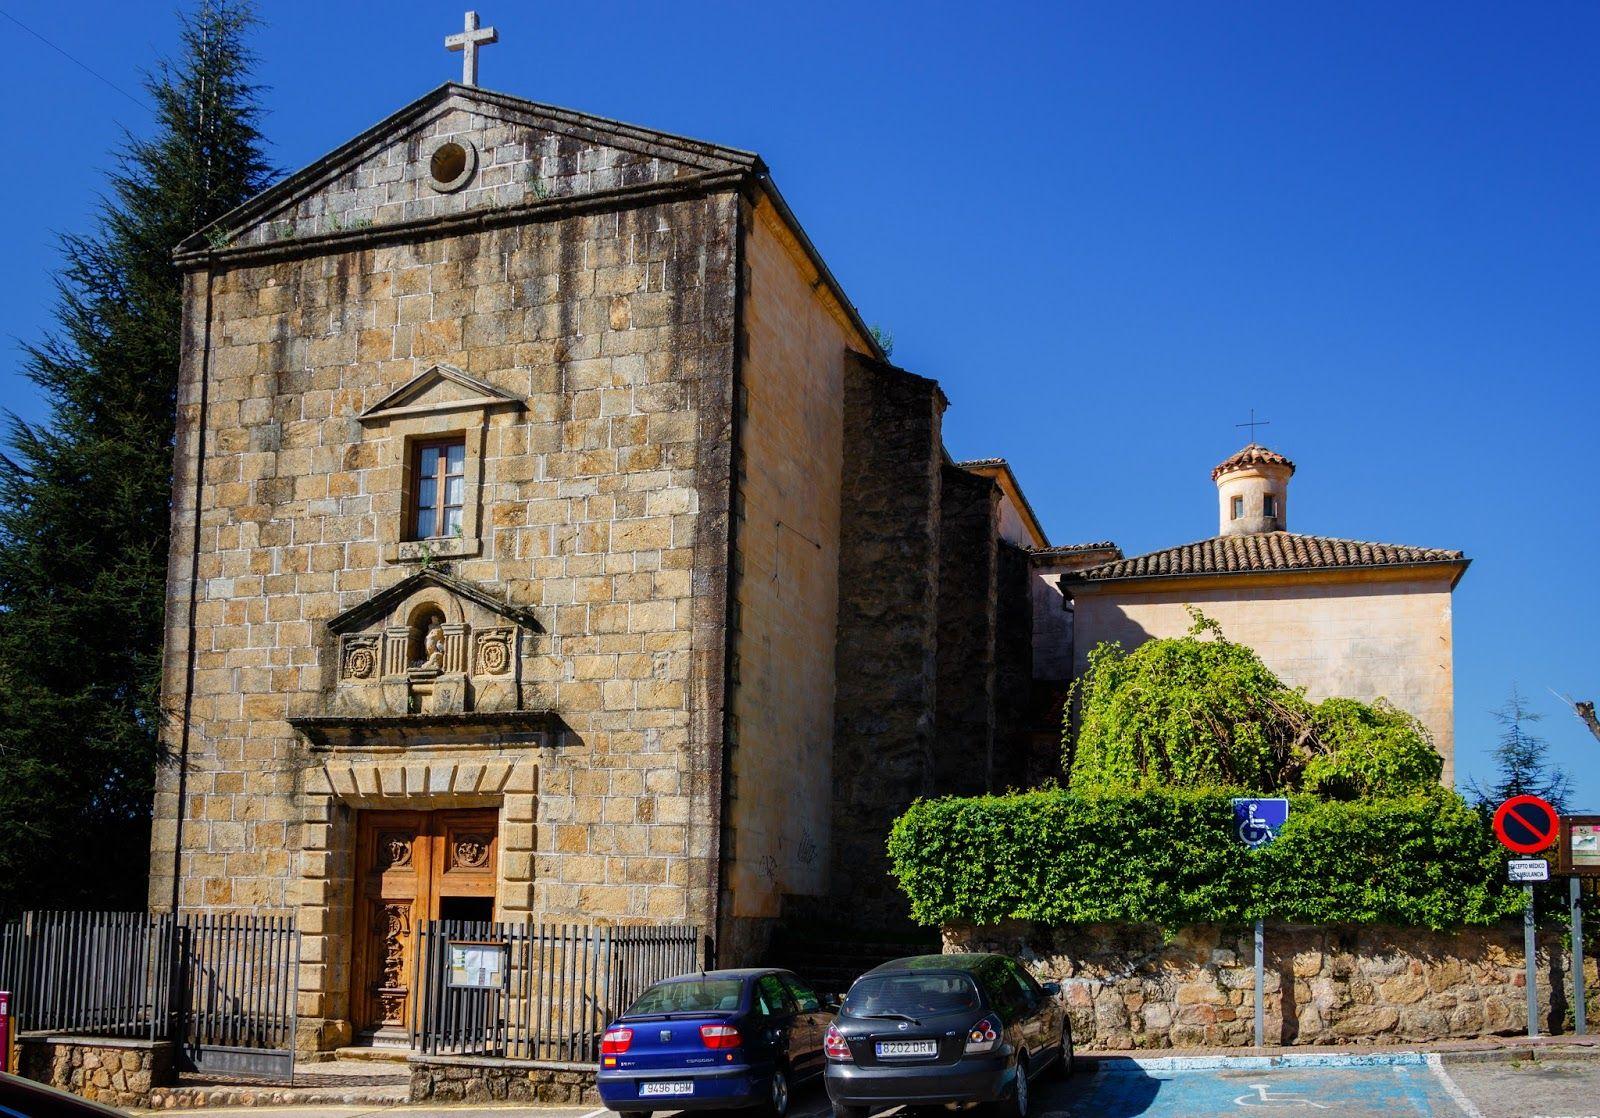 Rehabilitación de fachada de iglesia en badajoz